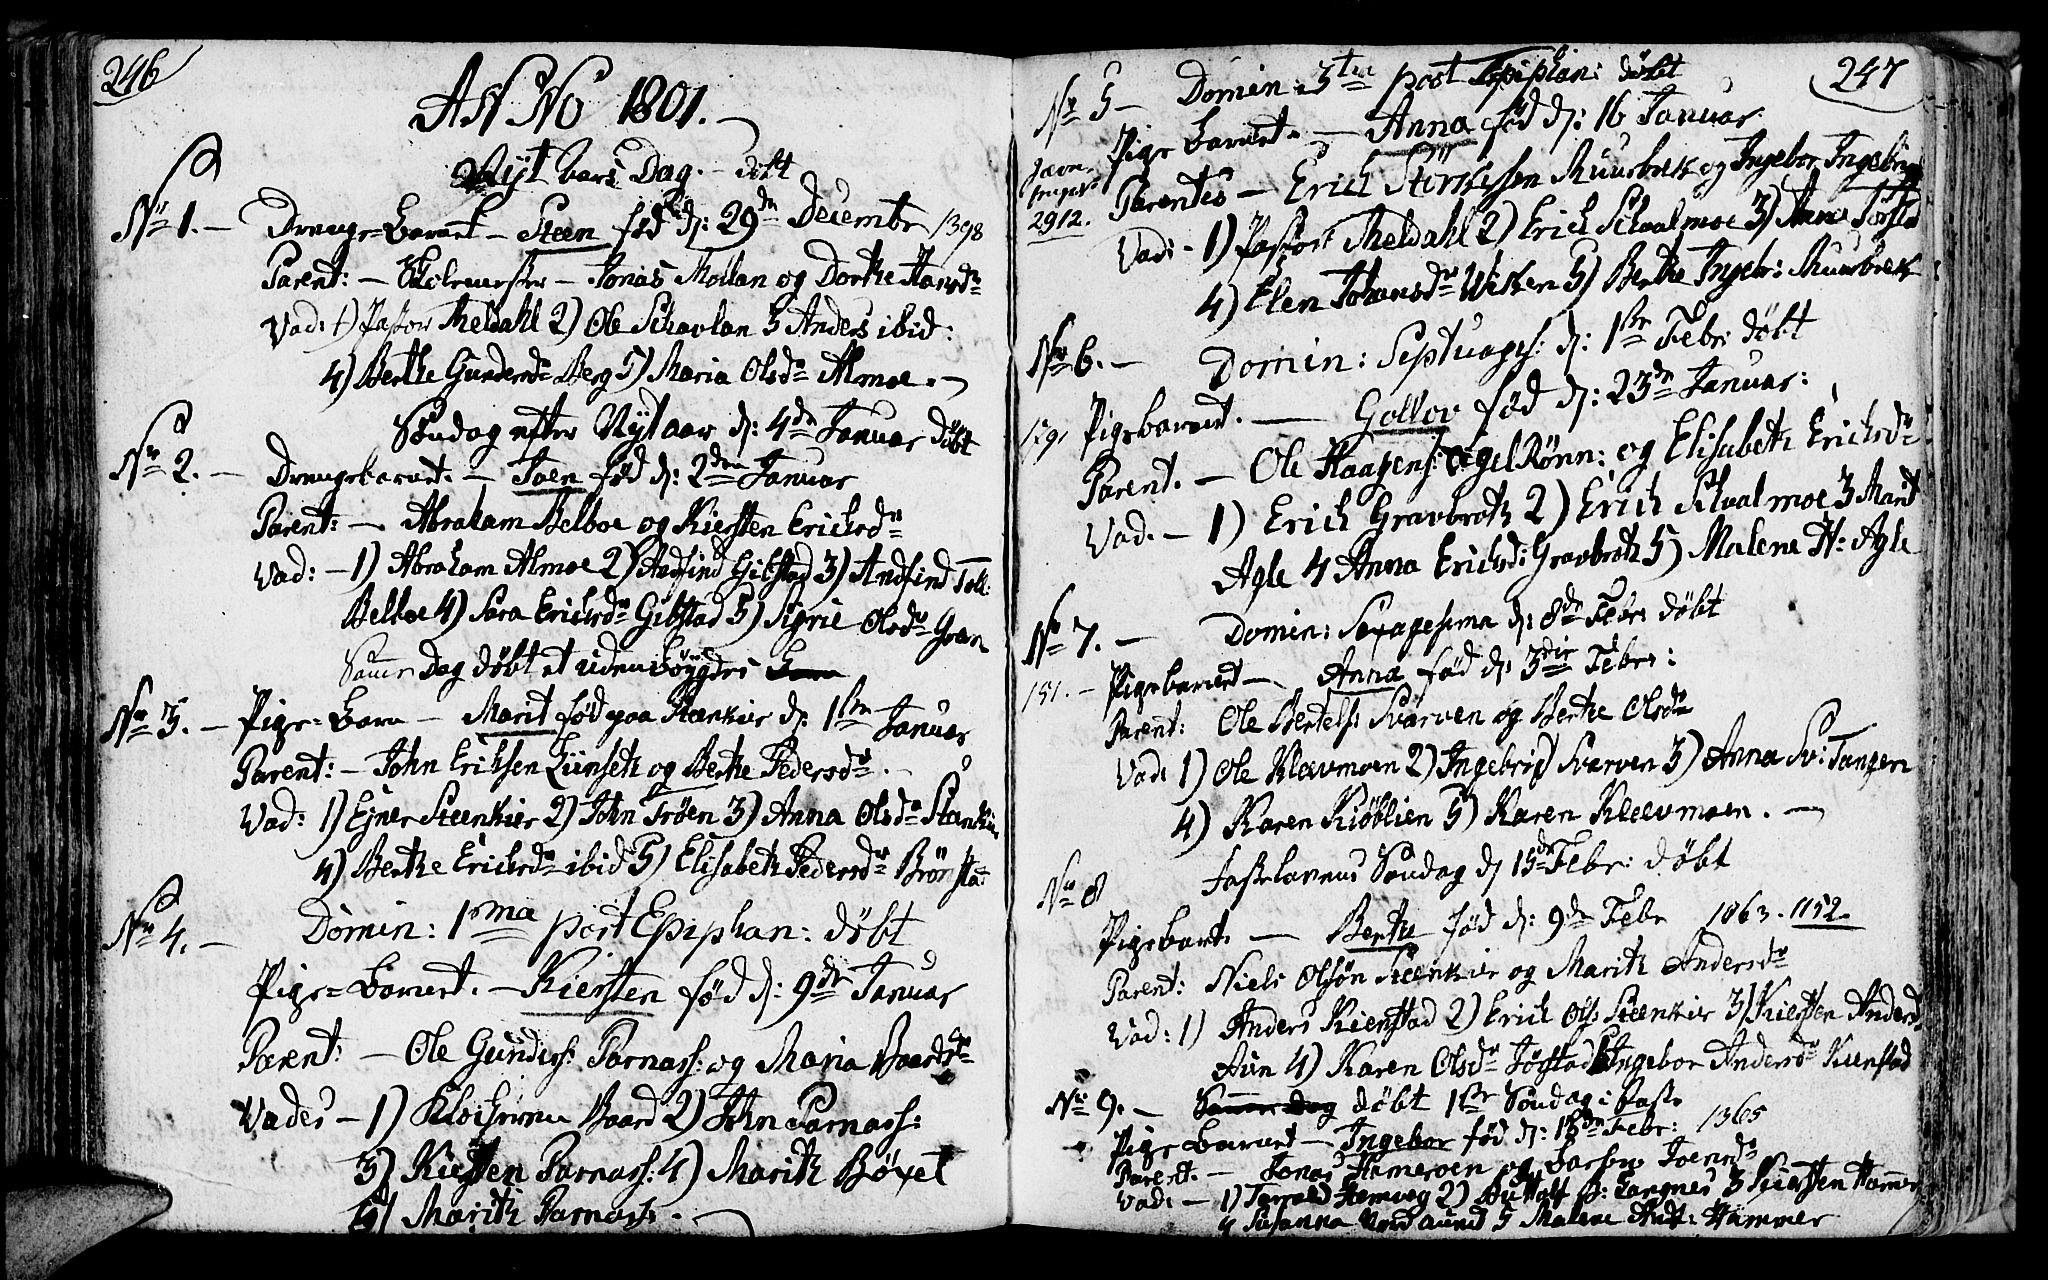 SAT, Ministerialprotokoller, klokkerbøker og fødselsregistre - Nord-Trøndelag, 749/L0468: Ministerialbok nr. 749A02, 1787-1817, s. 246-247